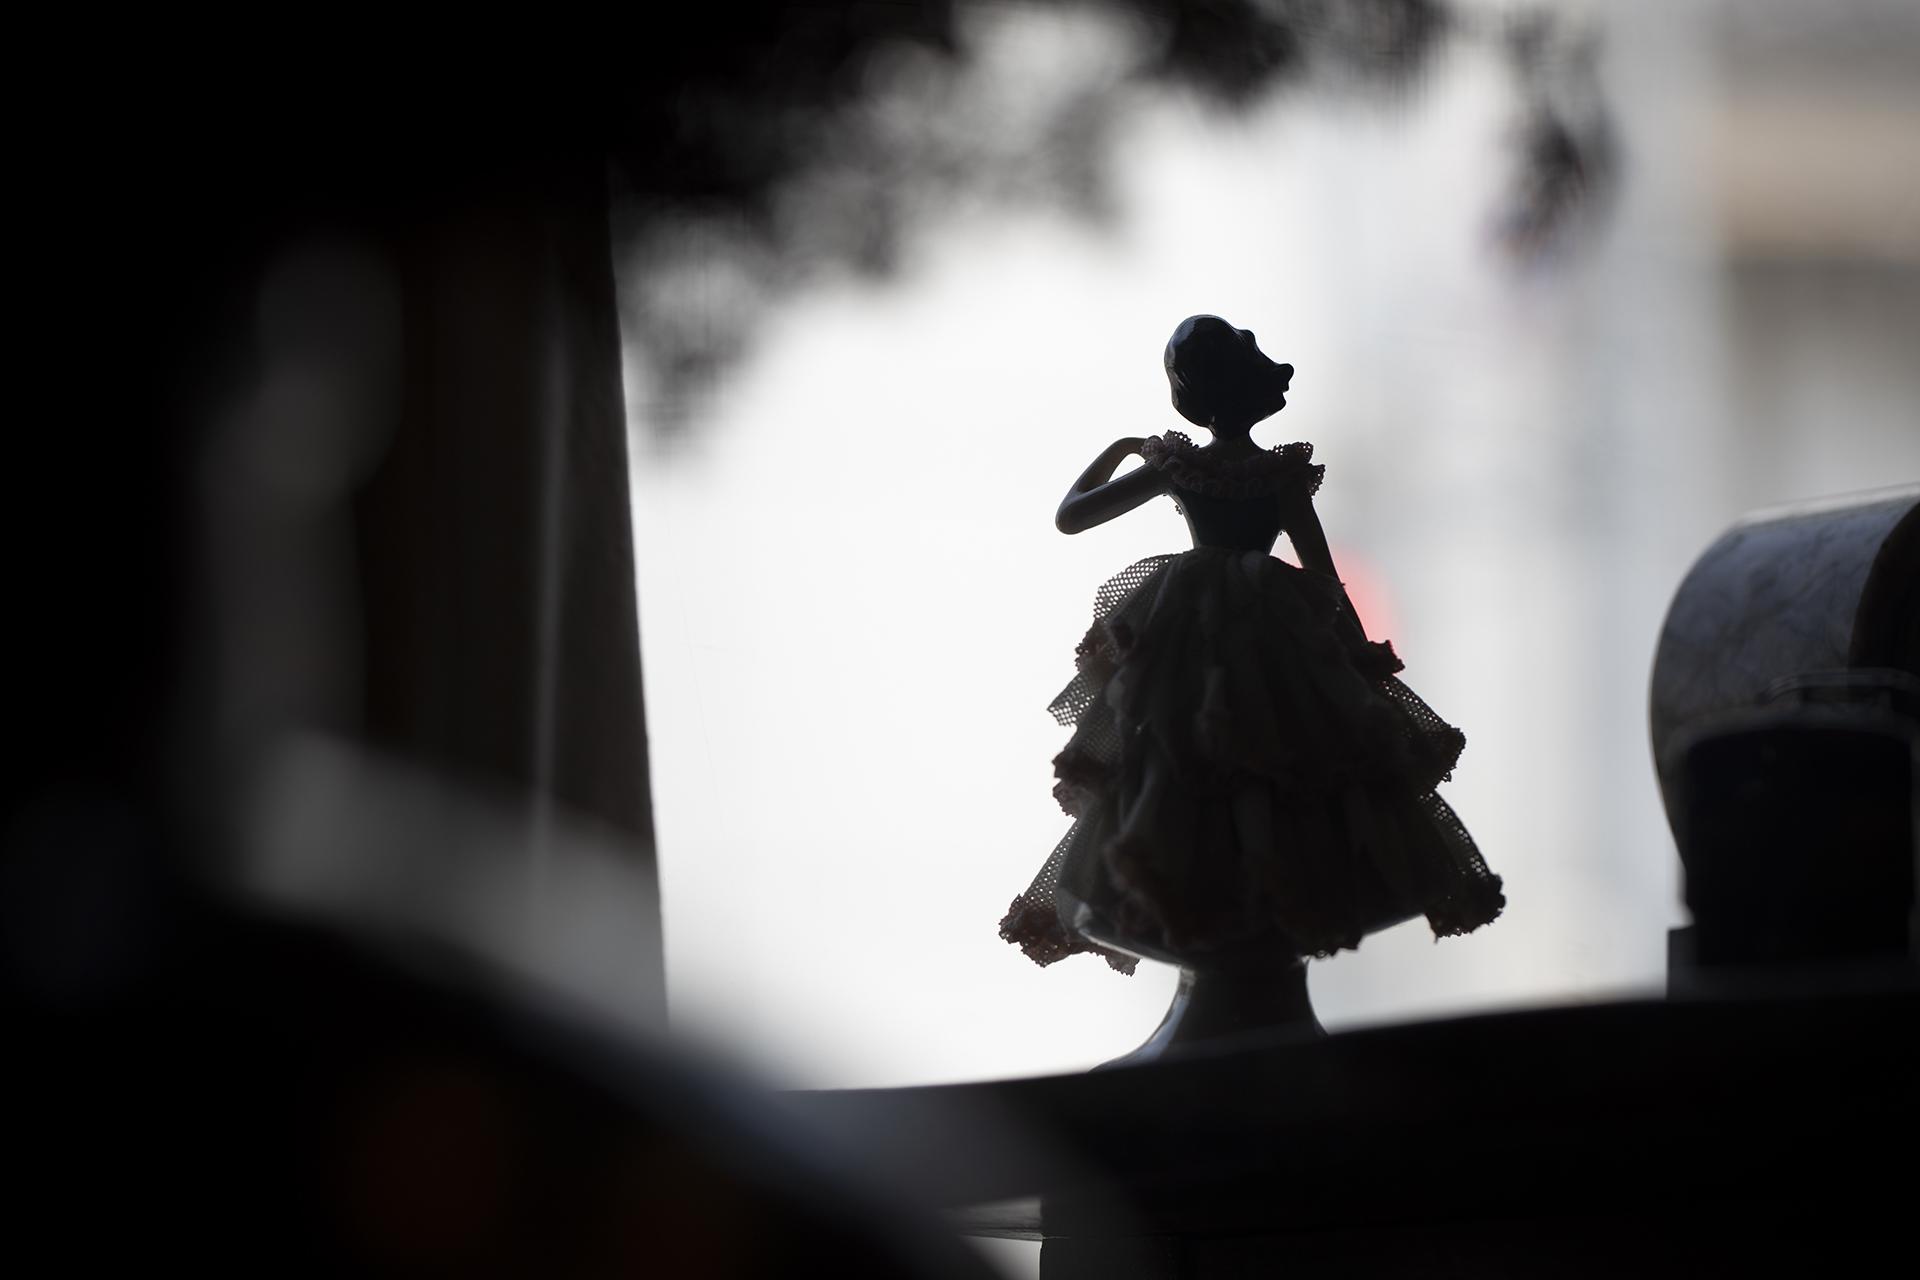 人形の背中